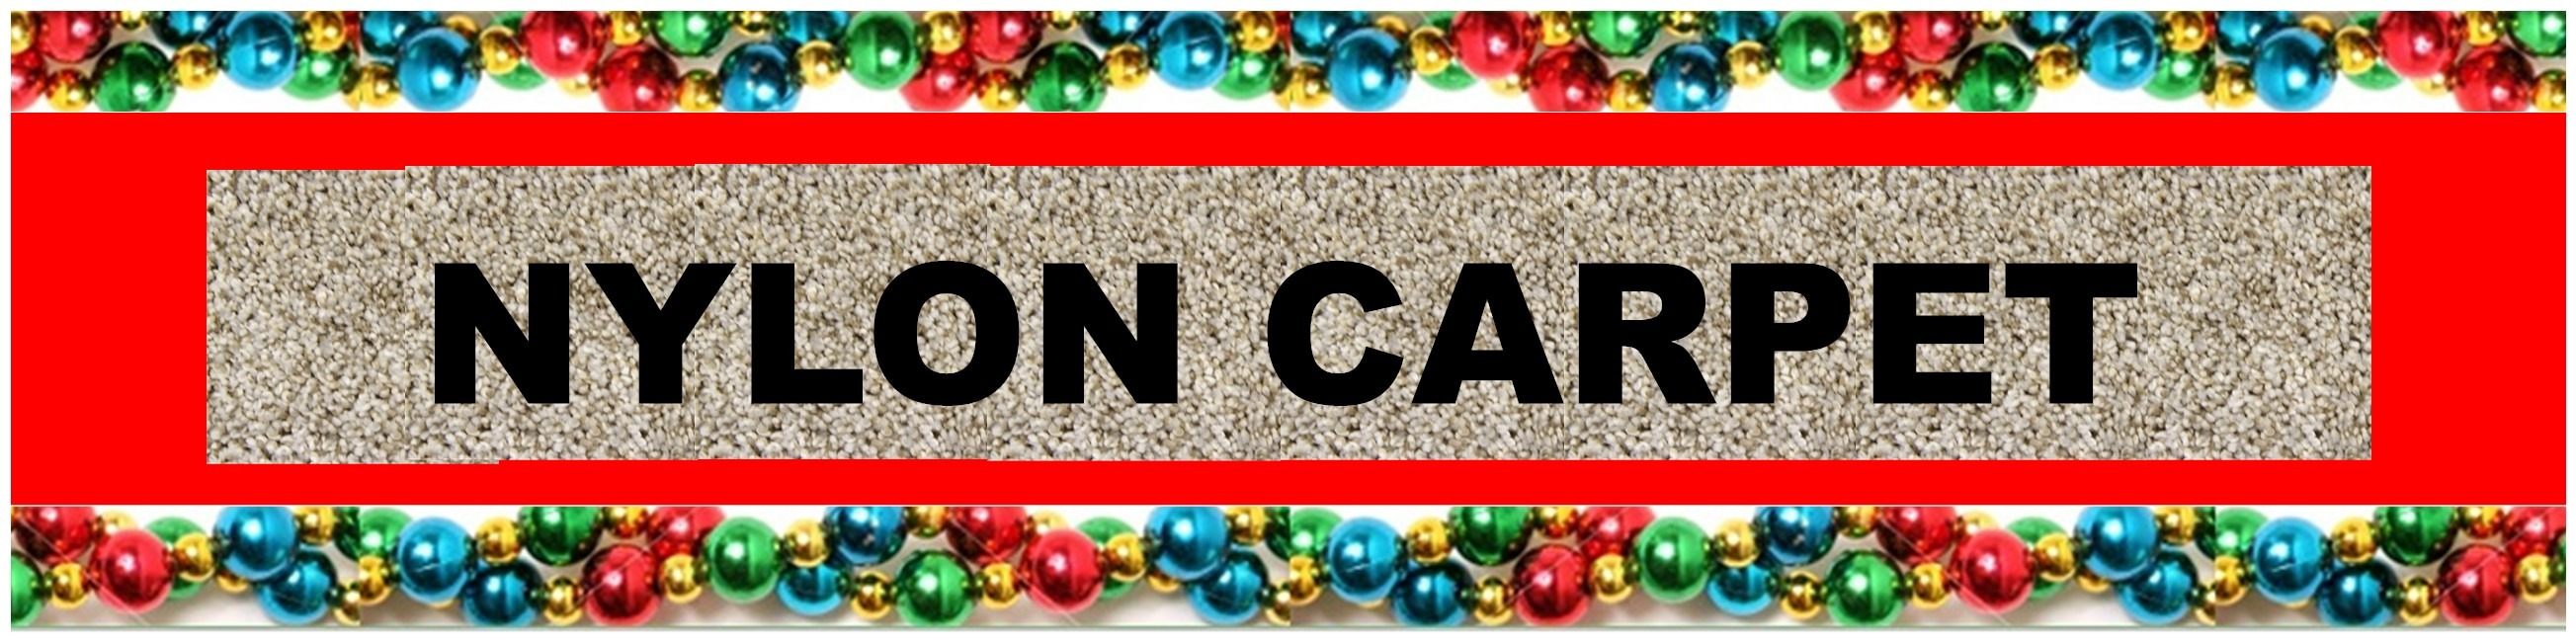 CHRISTMAS NYLON CARPET HEADER